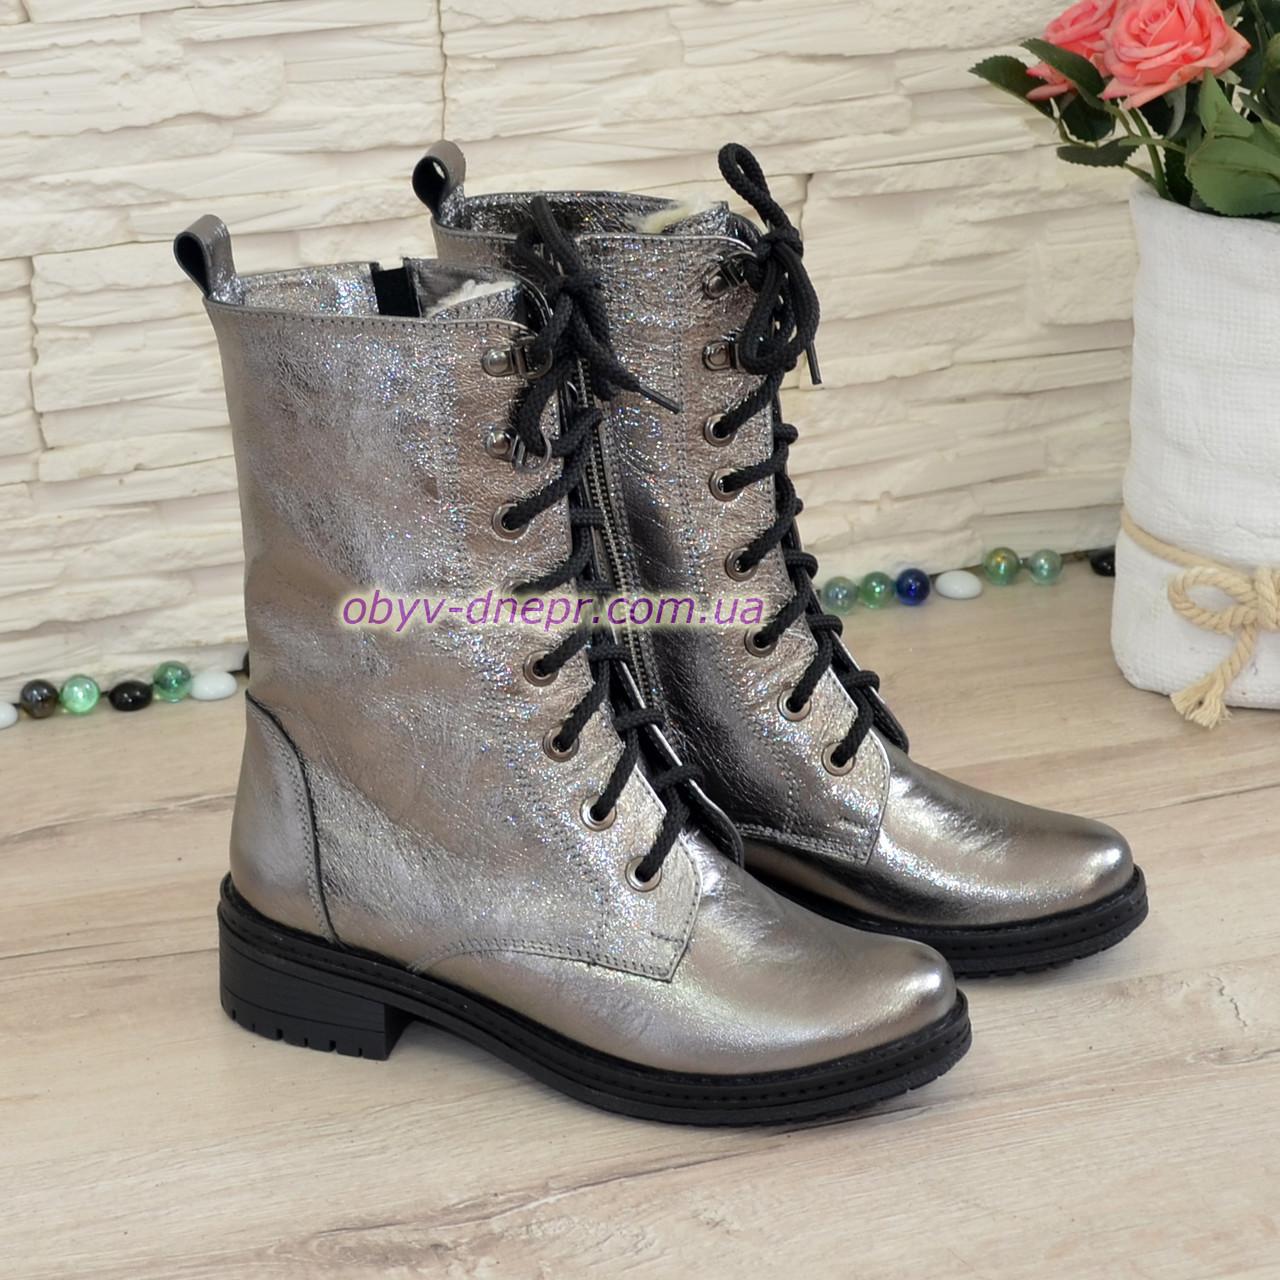 Стильные кожаные ботинки на низком ходу, цвет никель